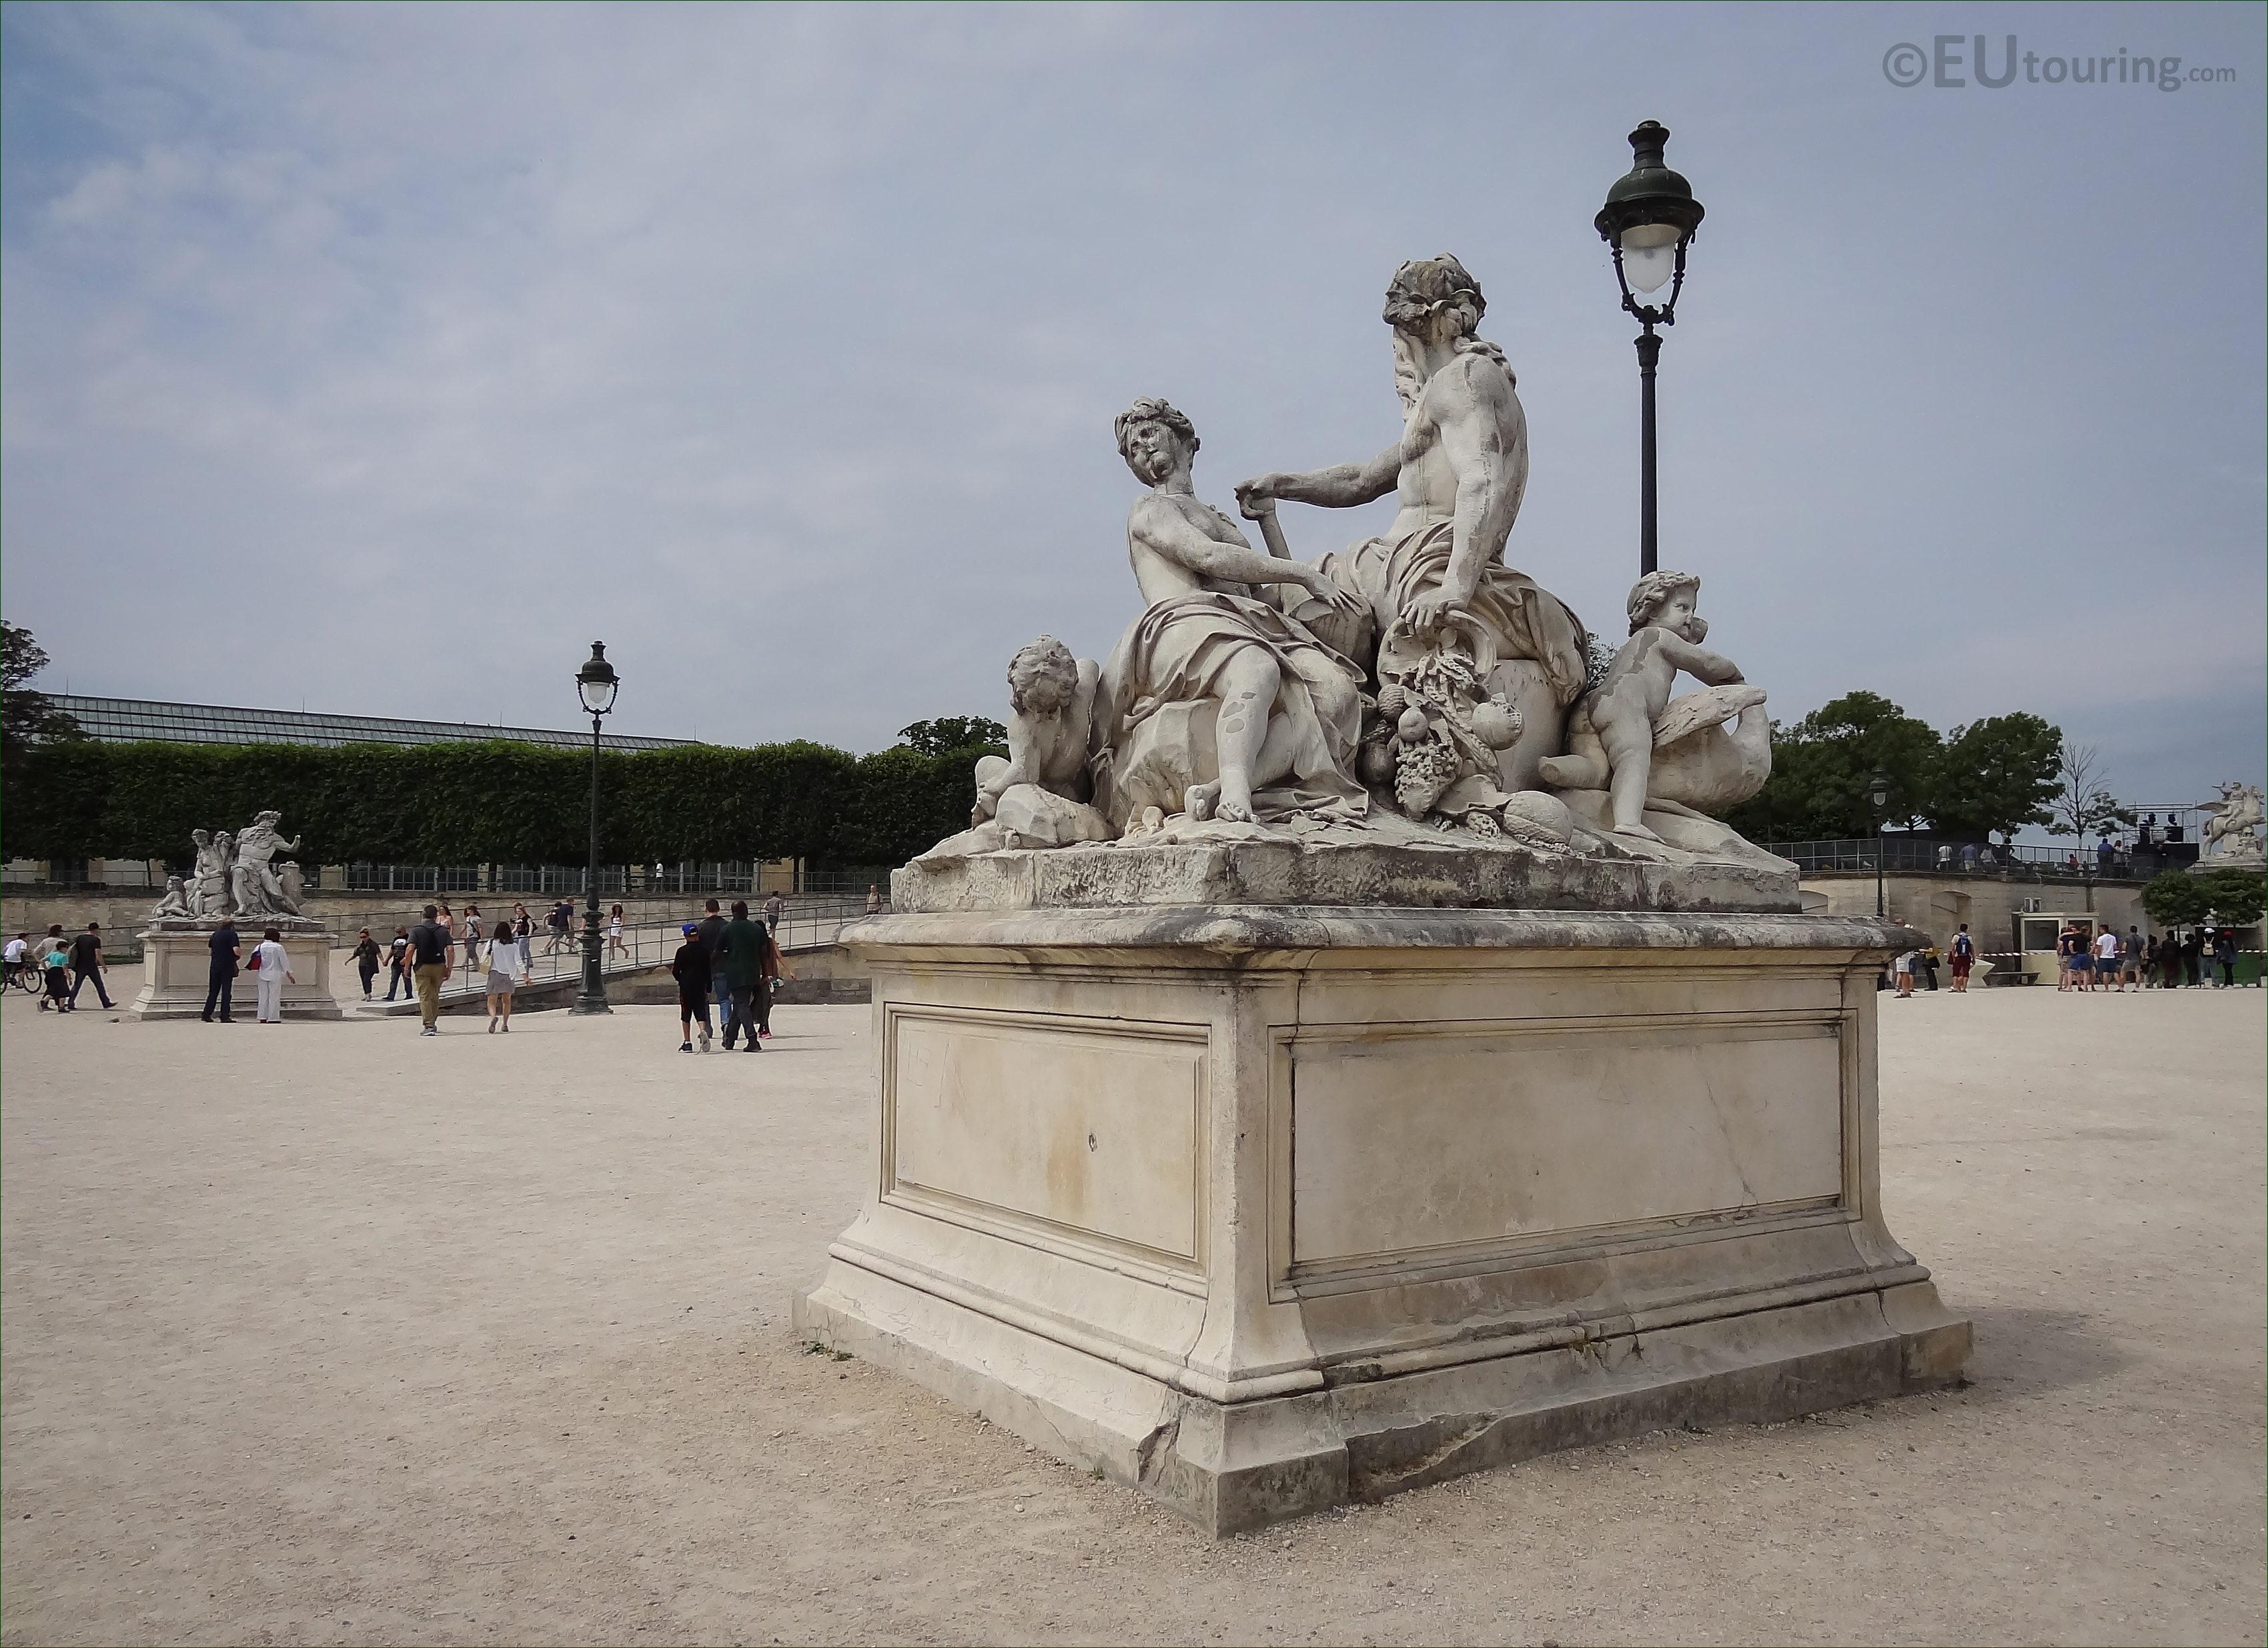 La seine et la marne statue in tuileries gardens paris page 133 - Statues jardin des tuileries ...